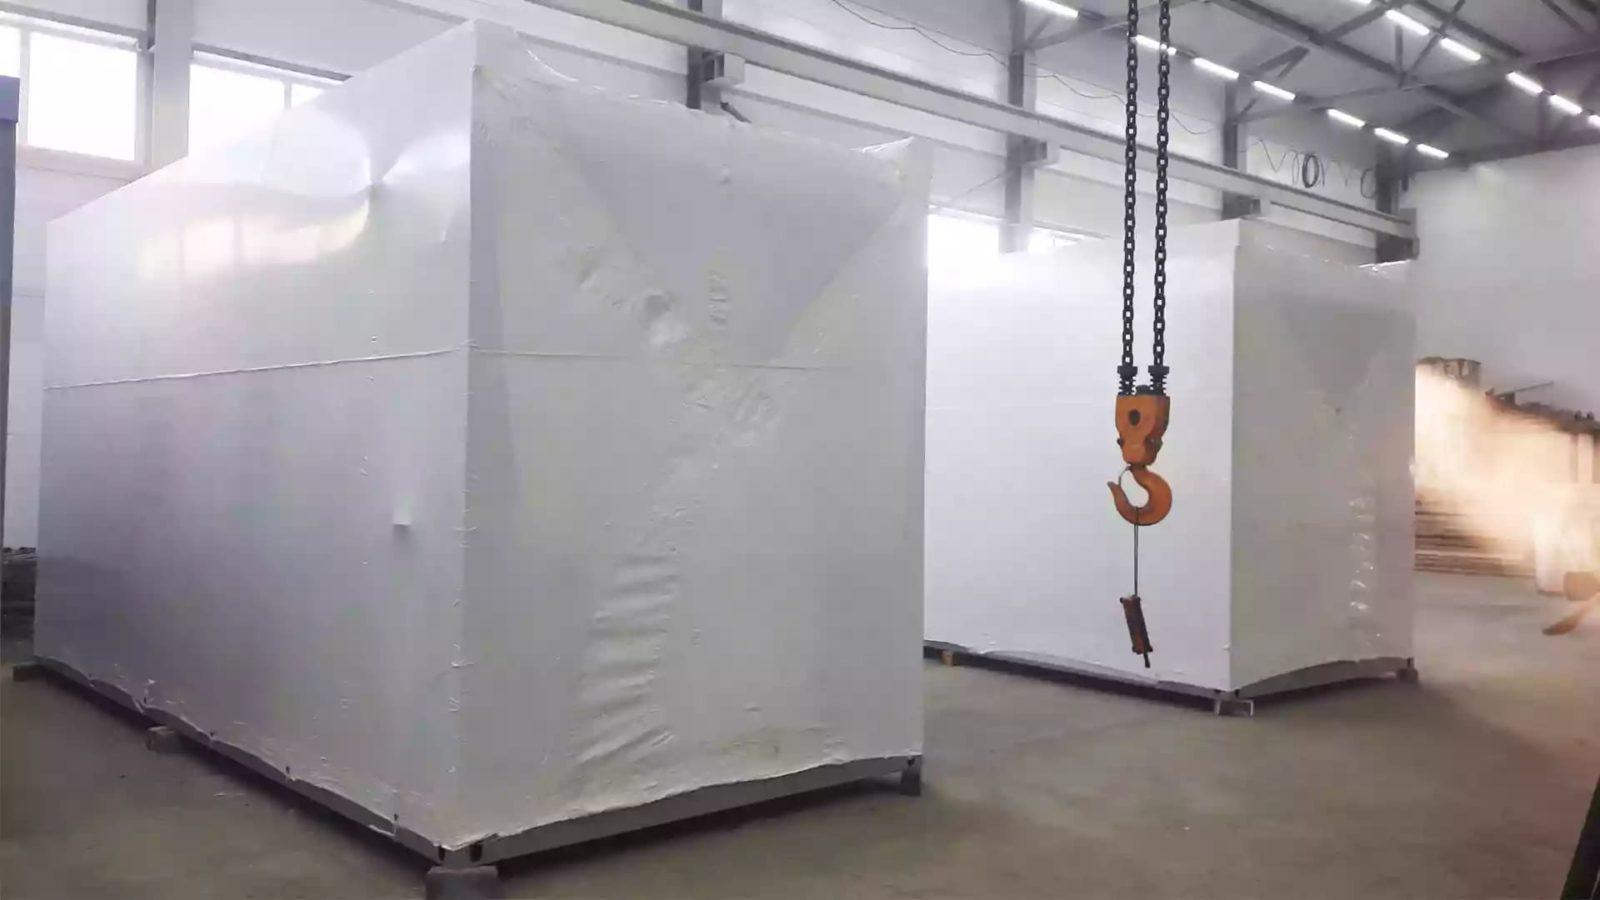 Упаковка крупногабаритного объекта в термоусадочную пленку